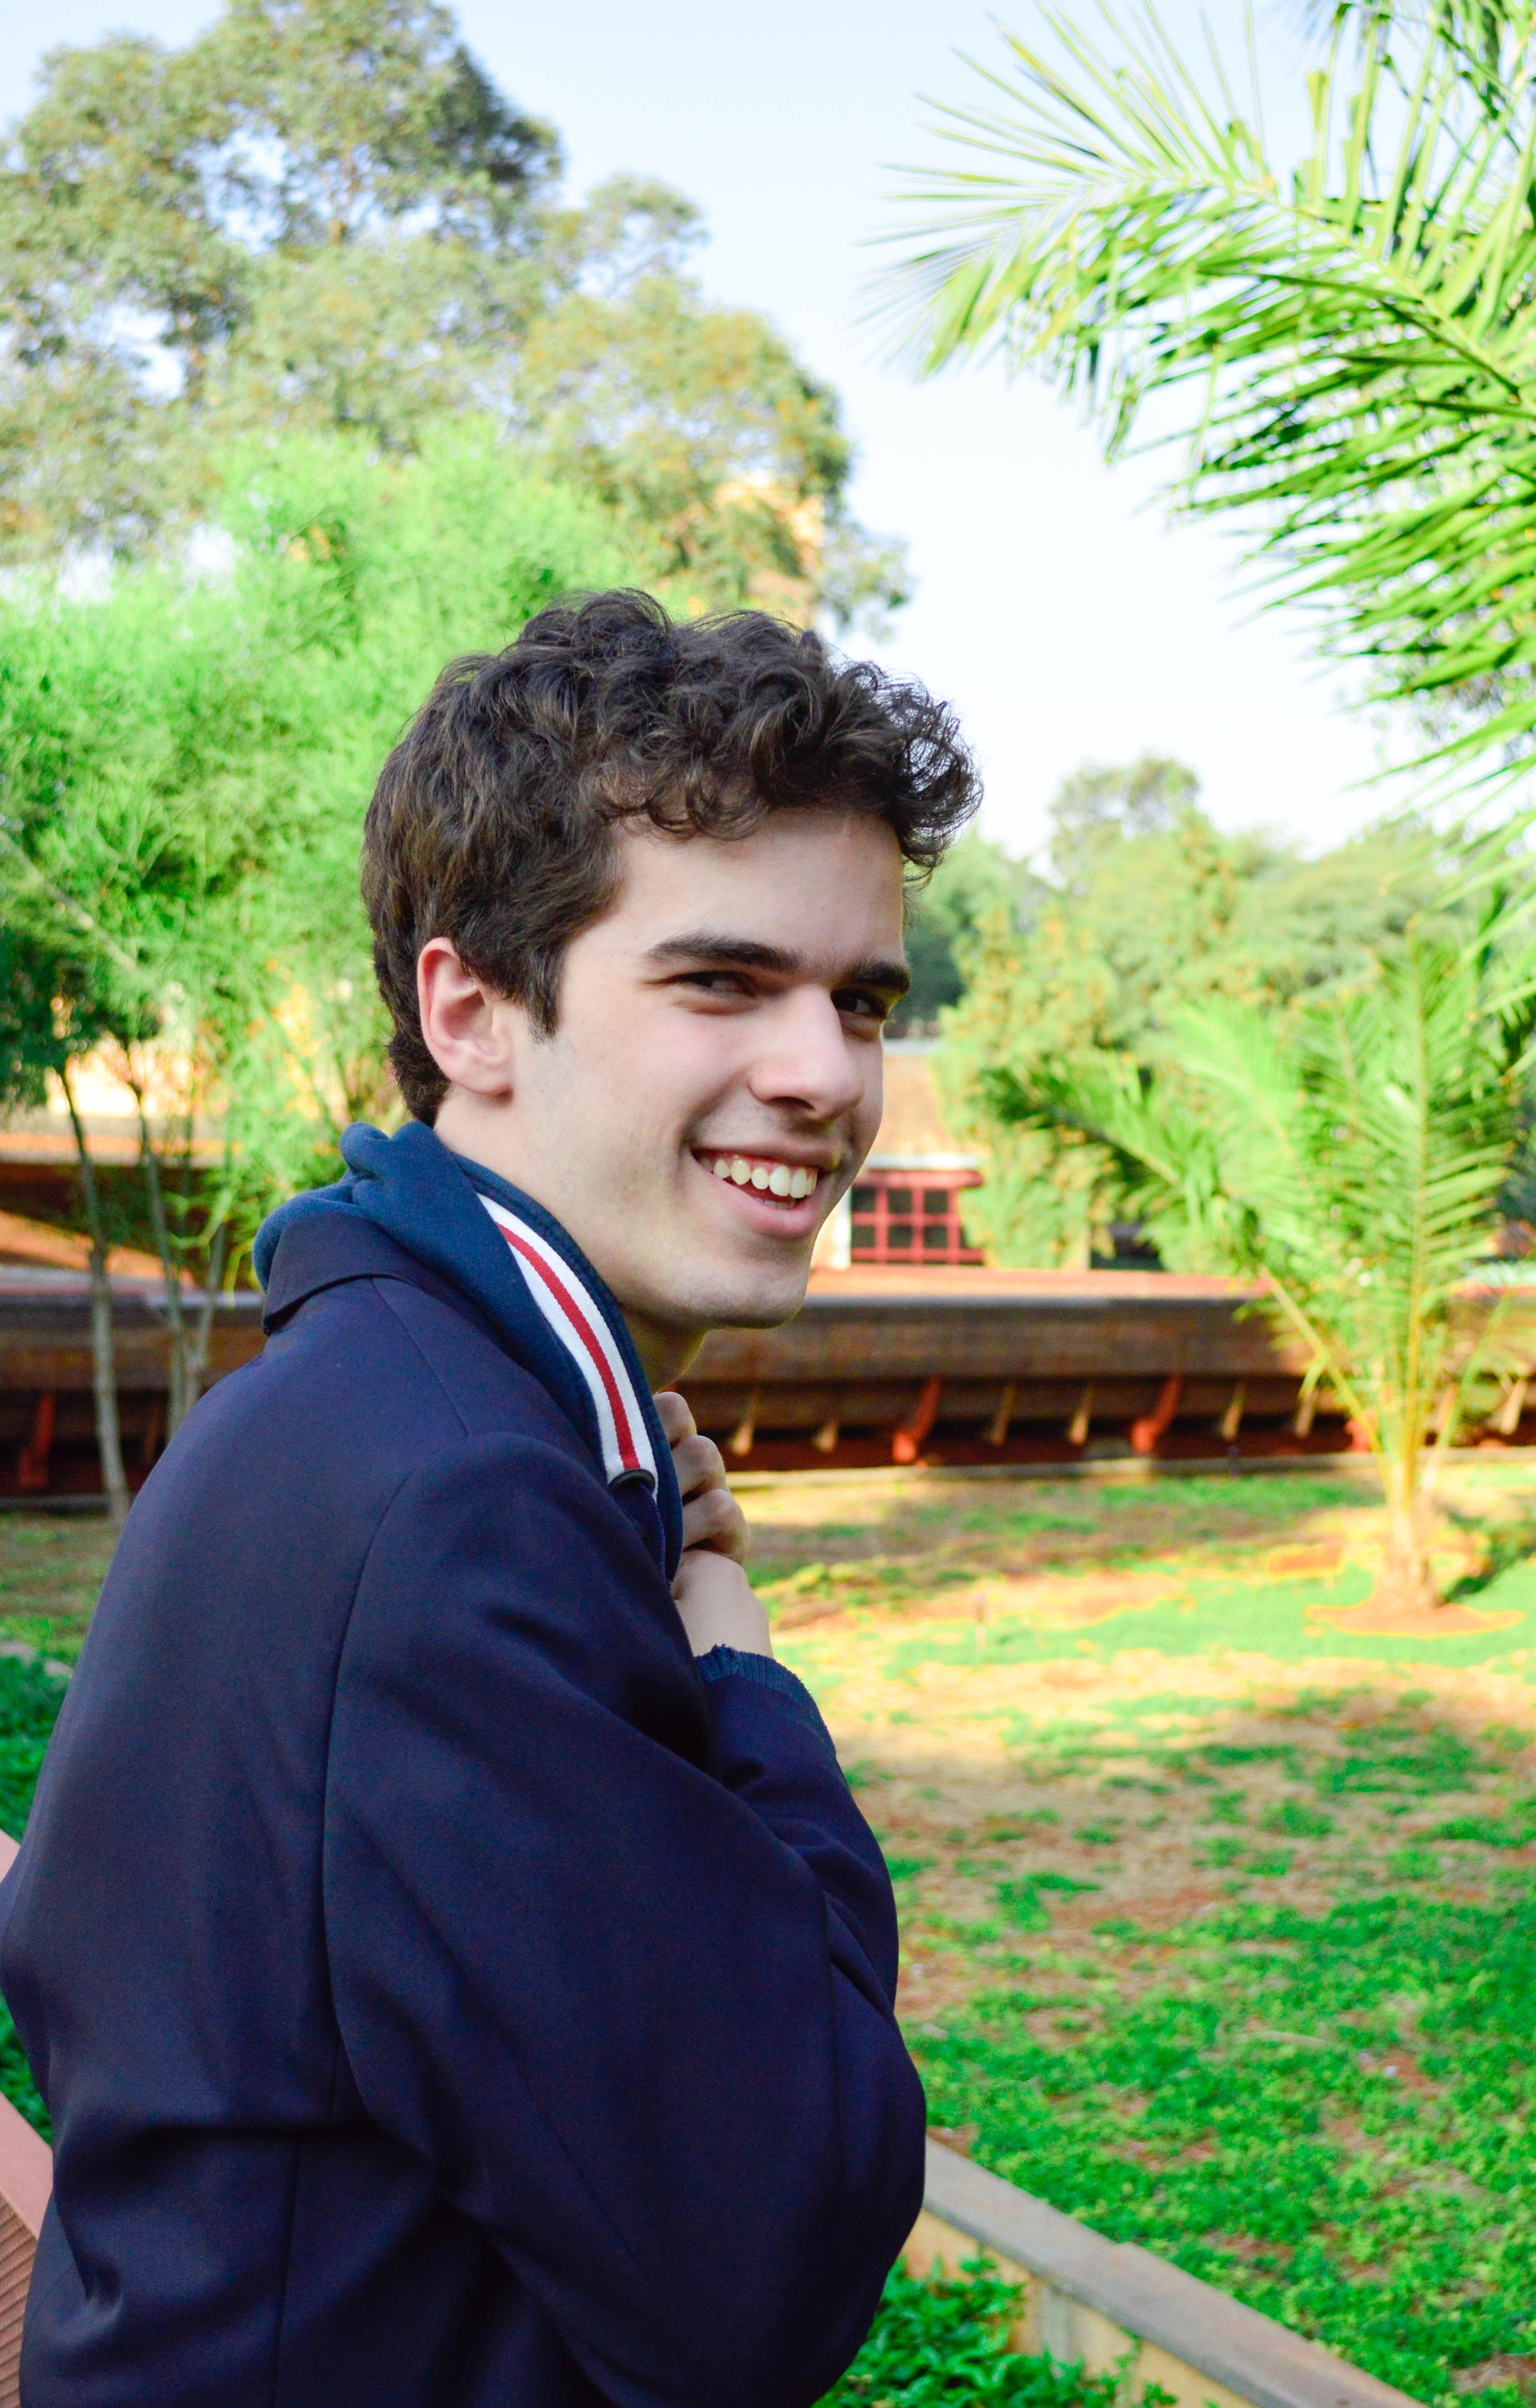 Ensaio_Antonio270-23.jpg